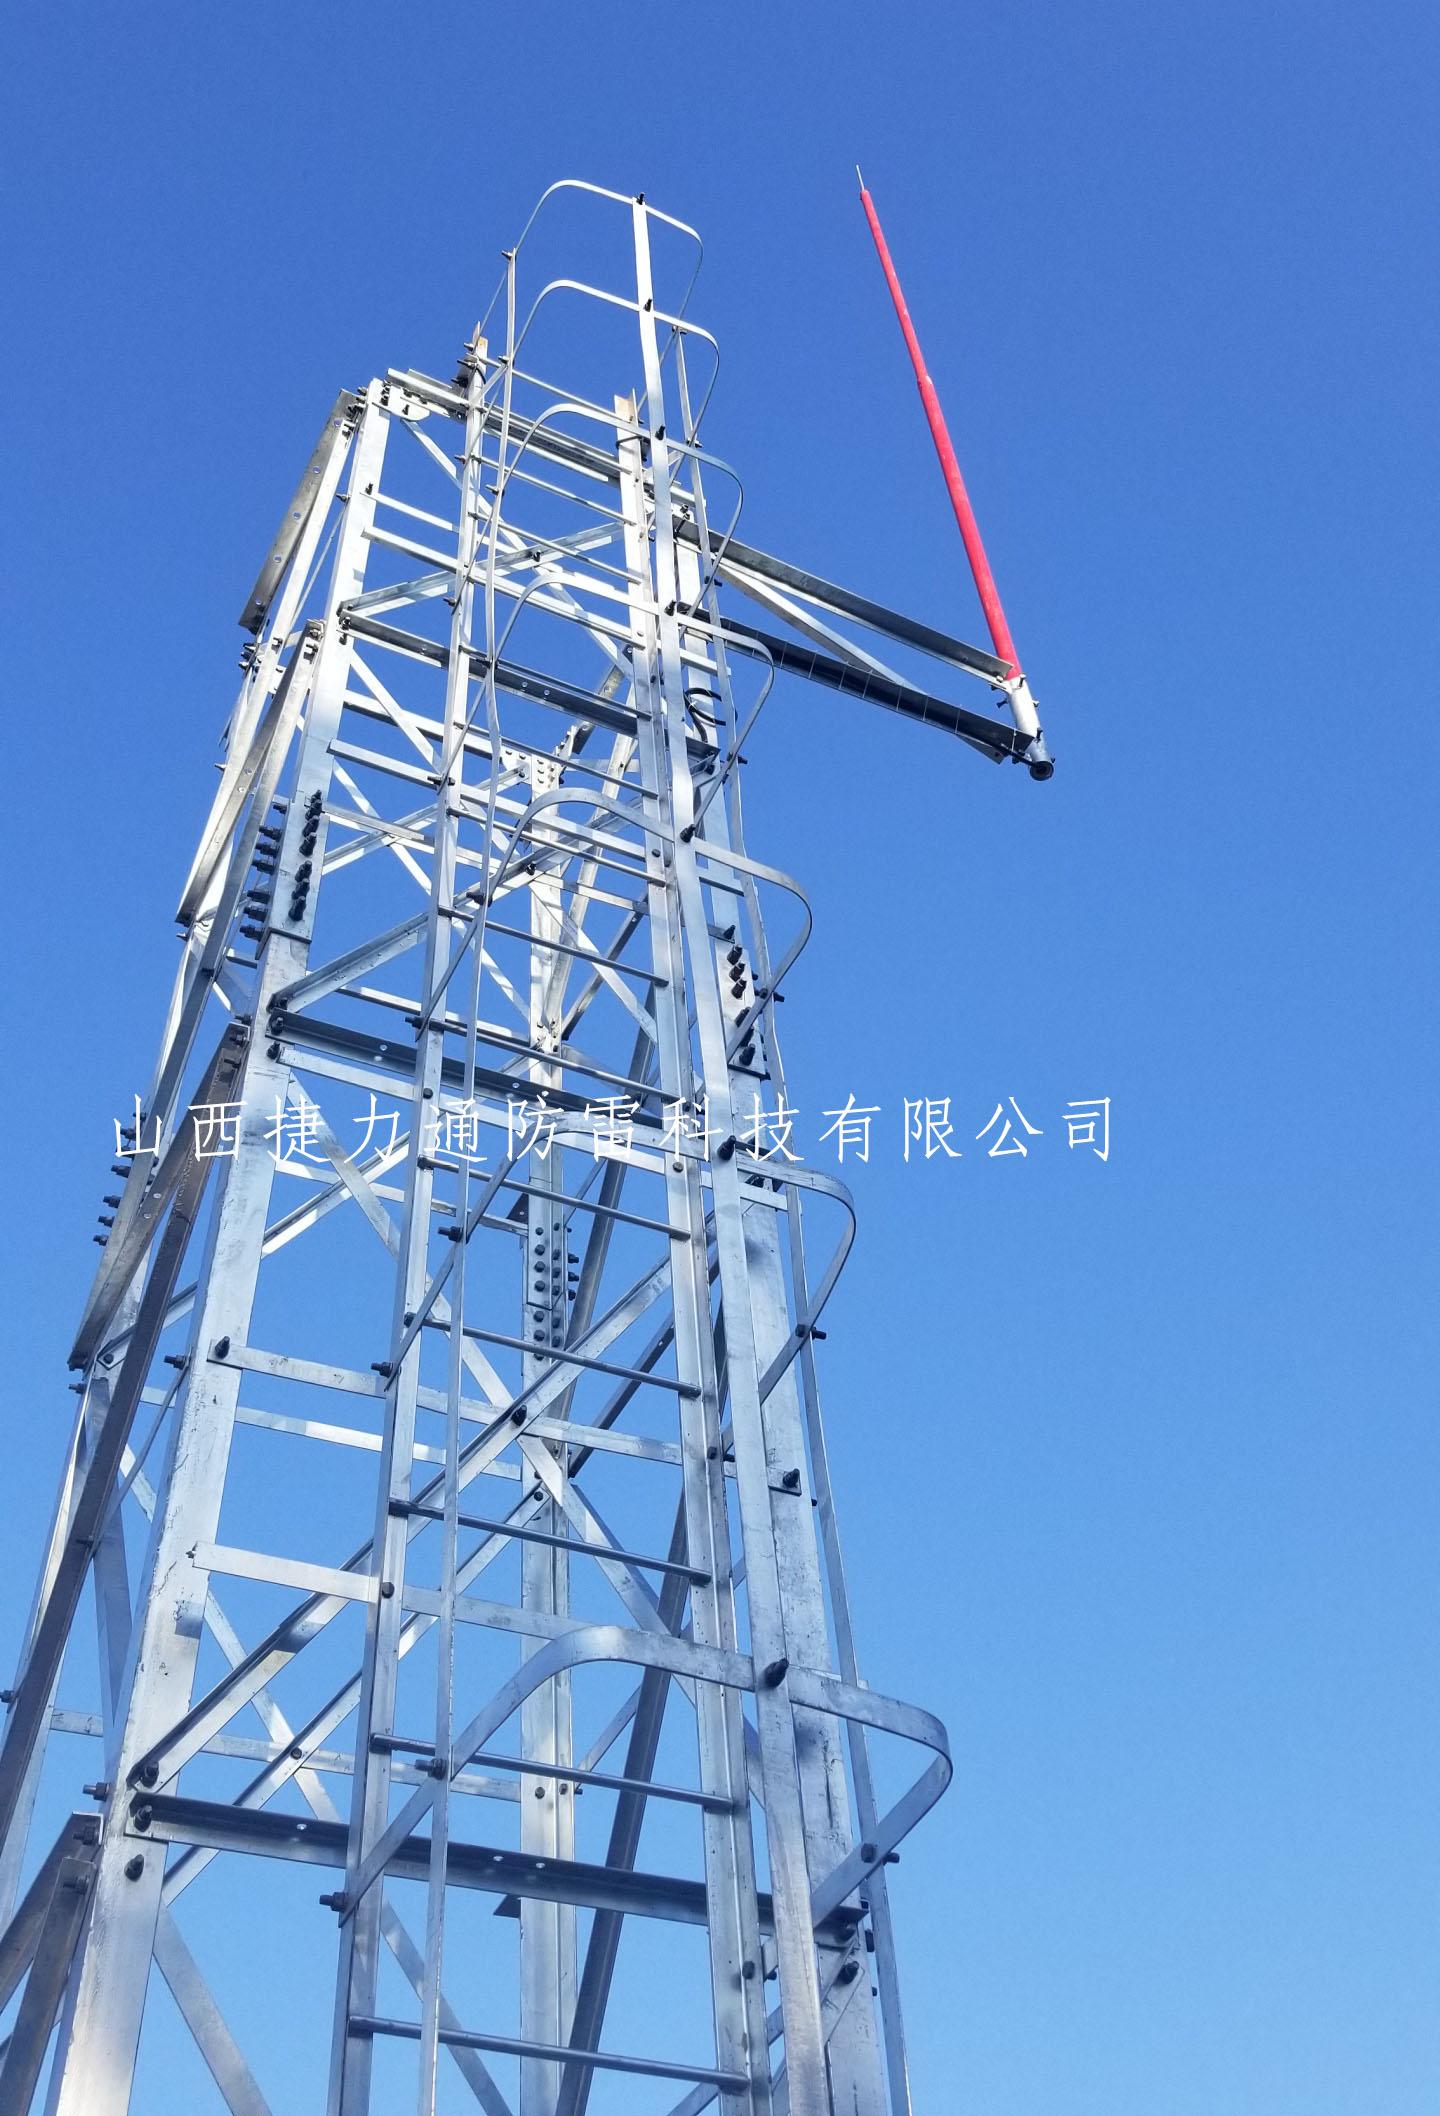 18米高强度雷达千赢网页手机版登入